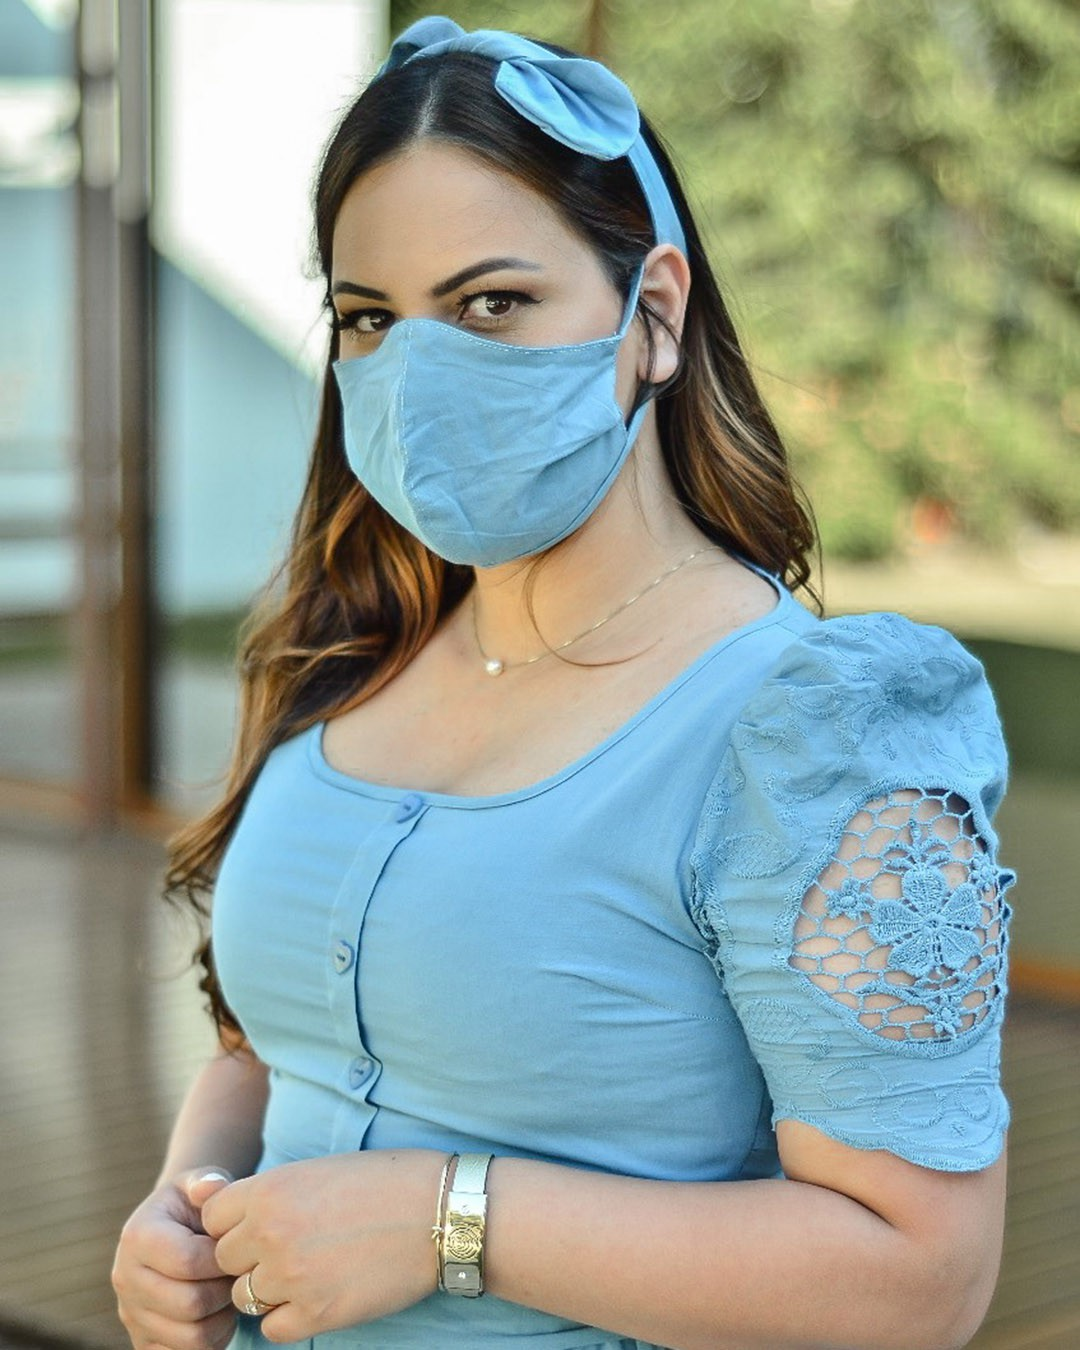 Vestido Midi Godê em Laise Cor Azul Az Irmãs Moda Evangélica